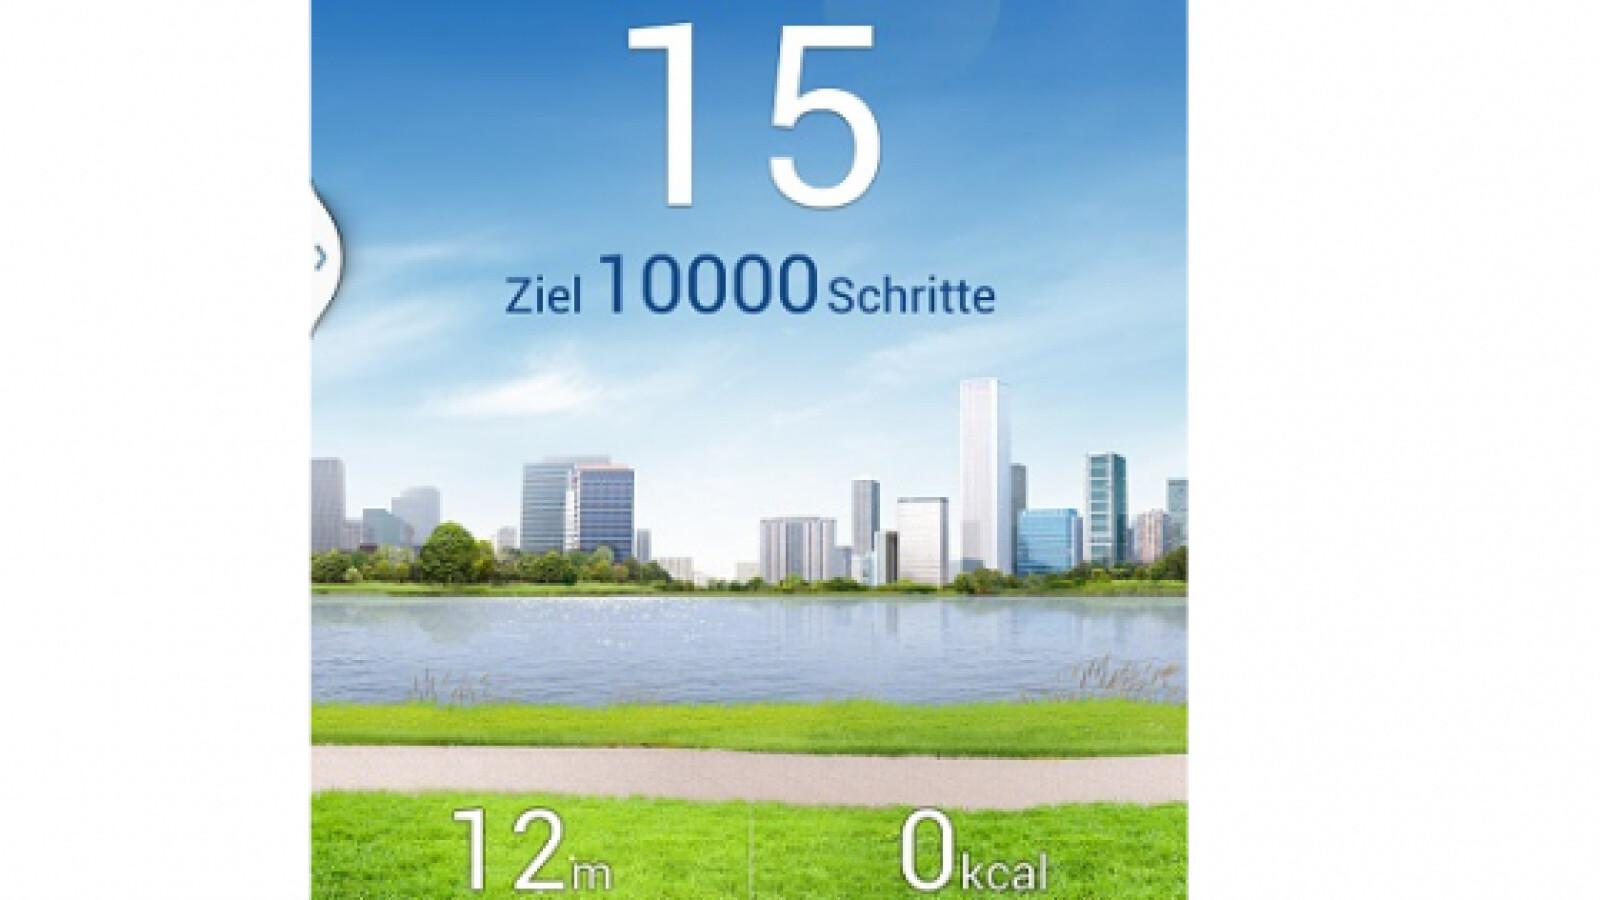 S Health Im Test Das Kann Der Galaxy S4 Schrittzähler Netzwelt